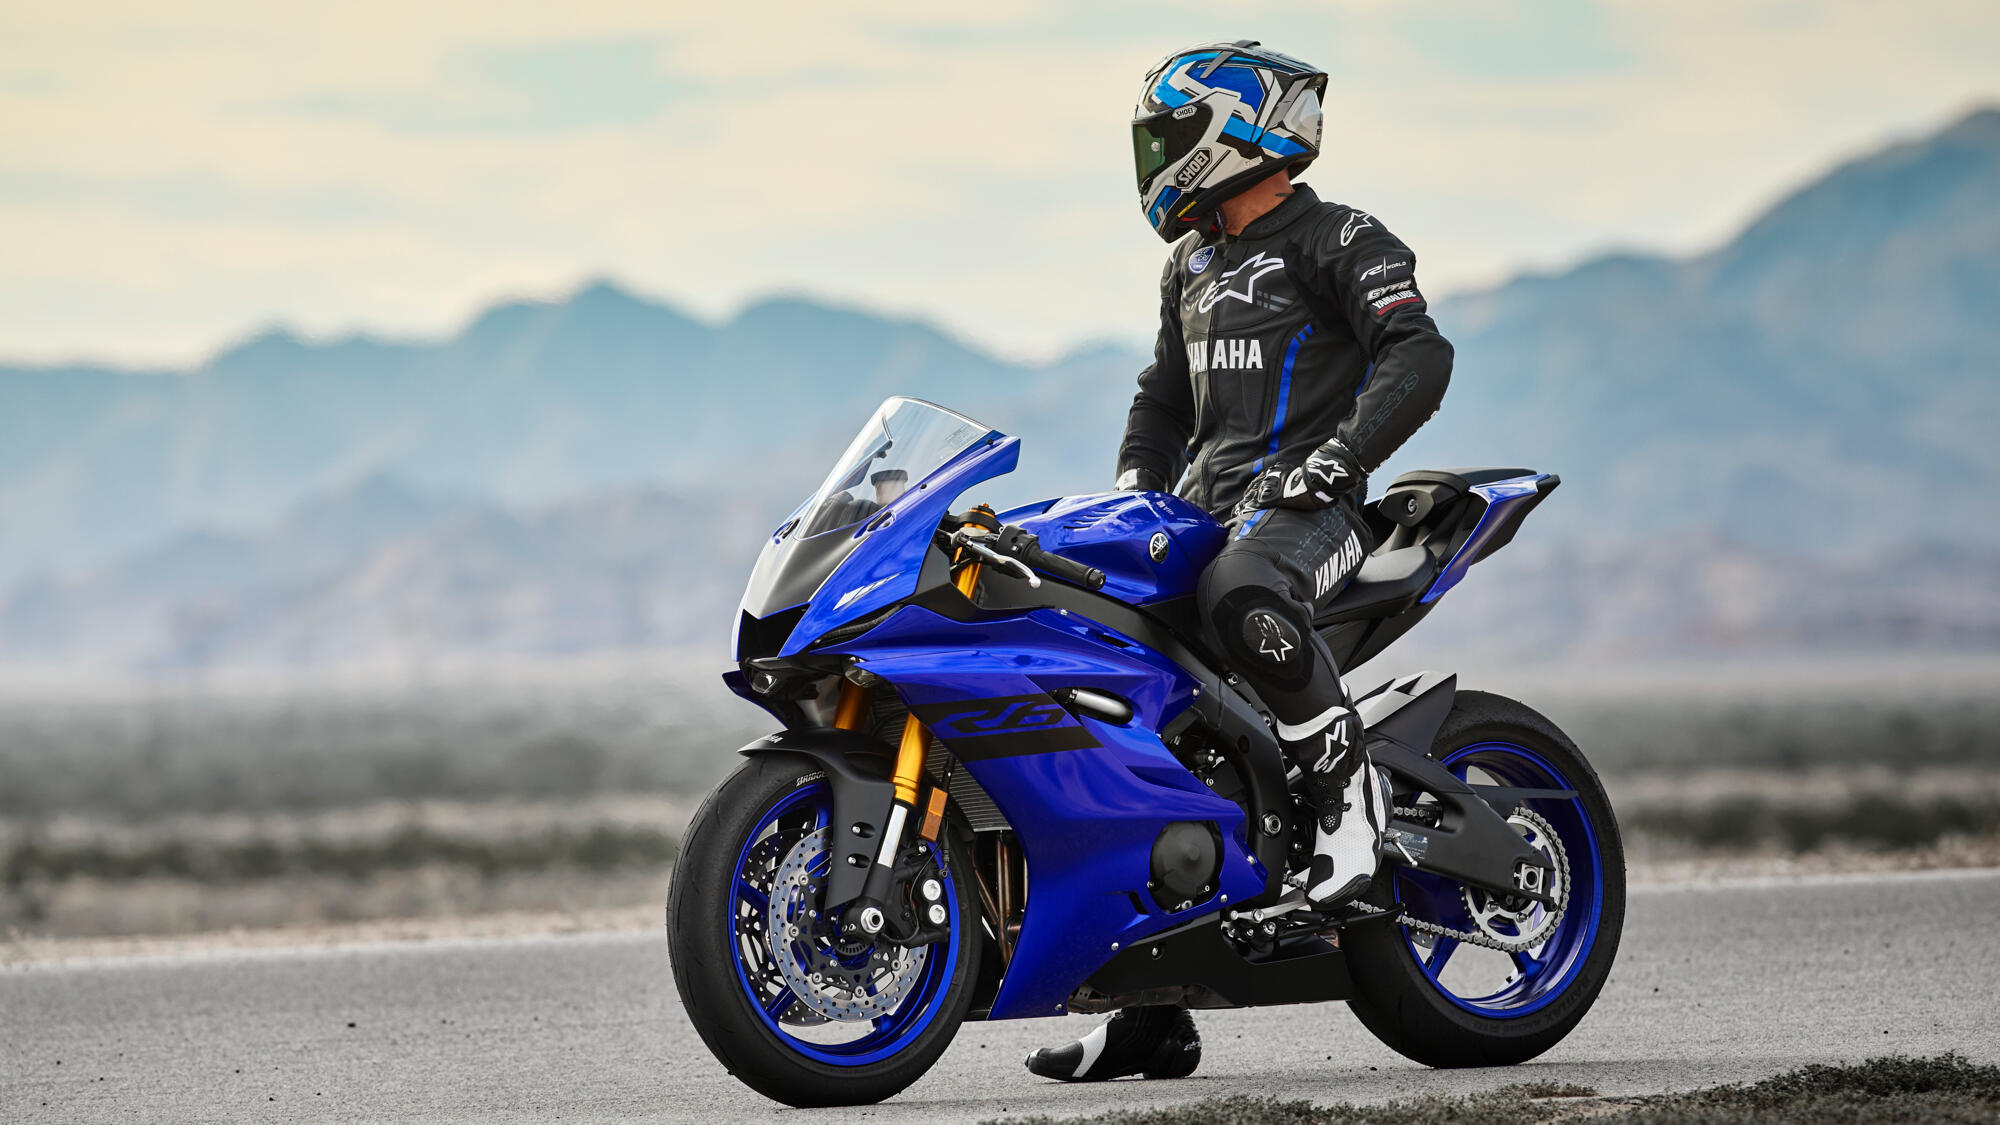 R6 - motorcycles - Yamaha Motor